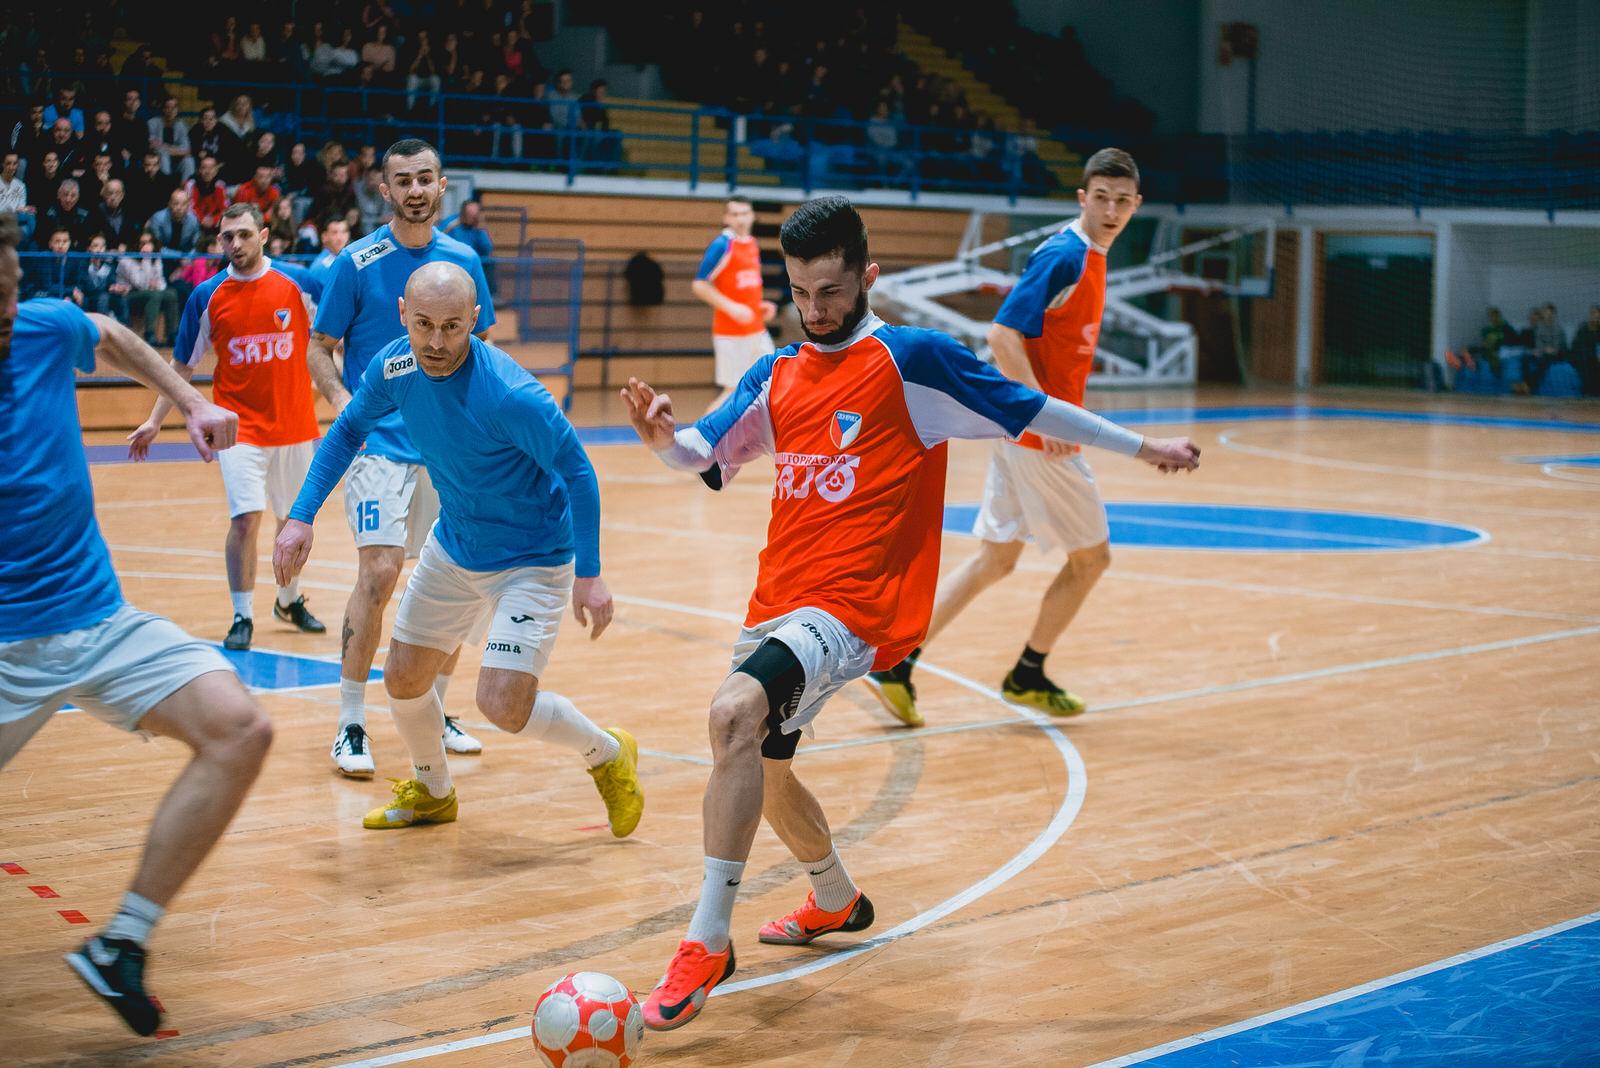 likaclub_gospić_zimski-malonogometni-turnir-2018-19-58